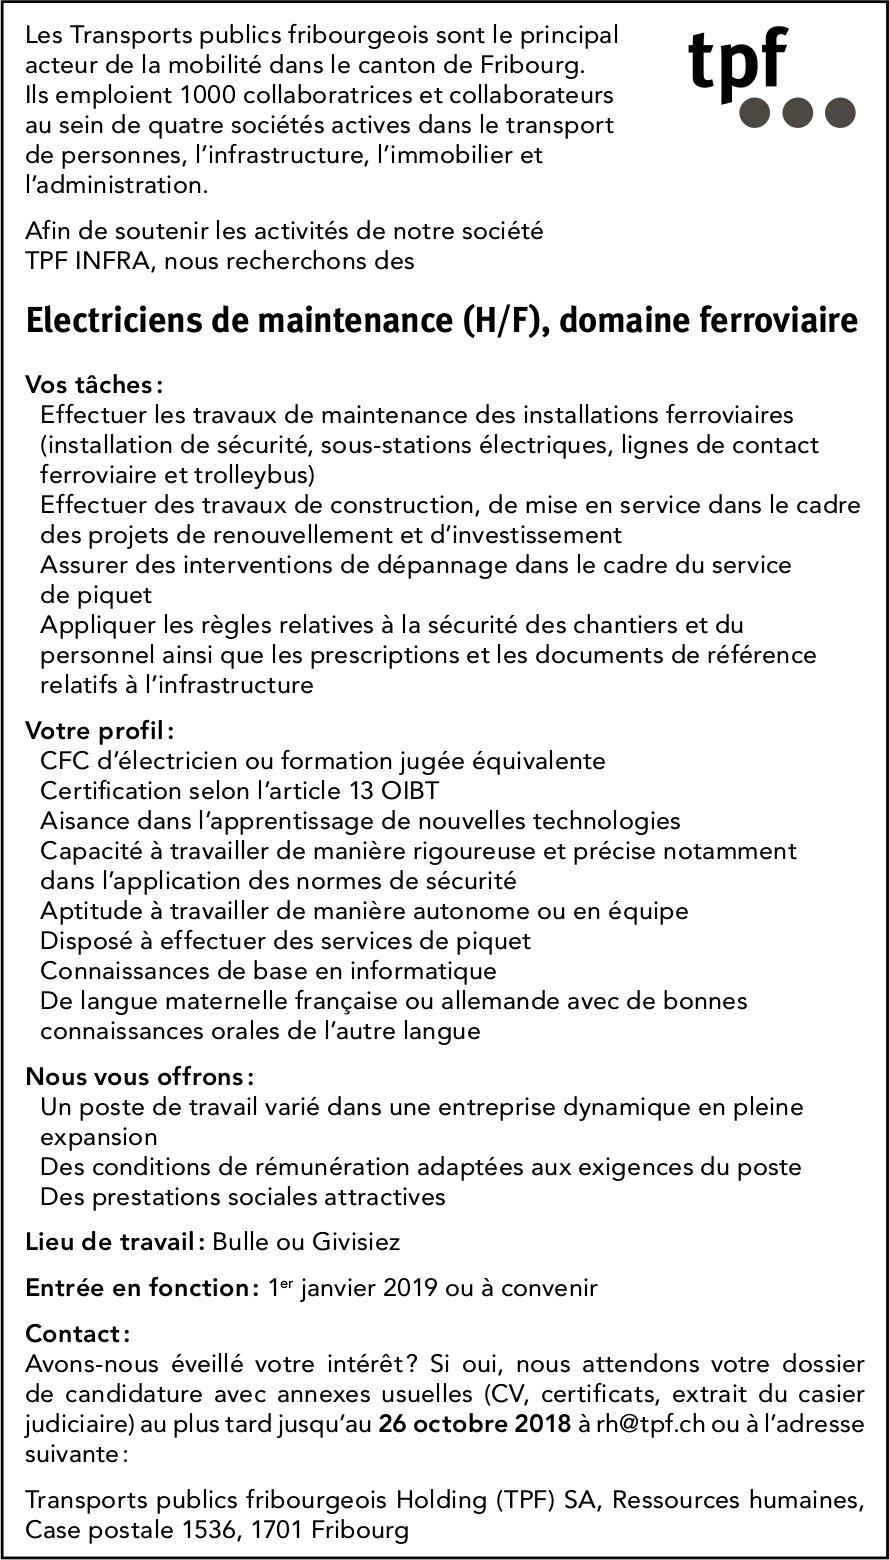 Électriciens de maintenance (H/F), domaine ferroviaire, tpf, Fribourg, recherché